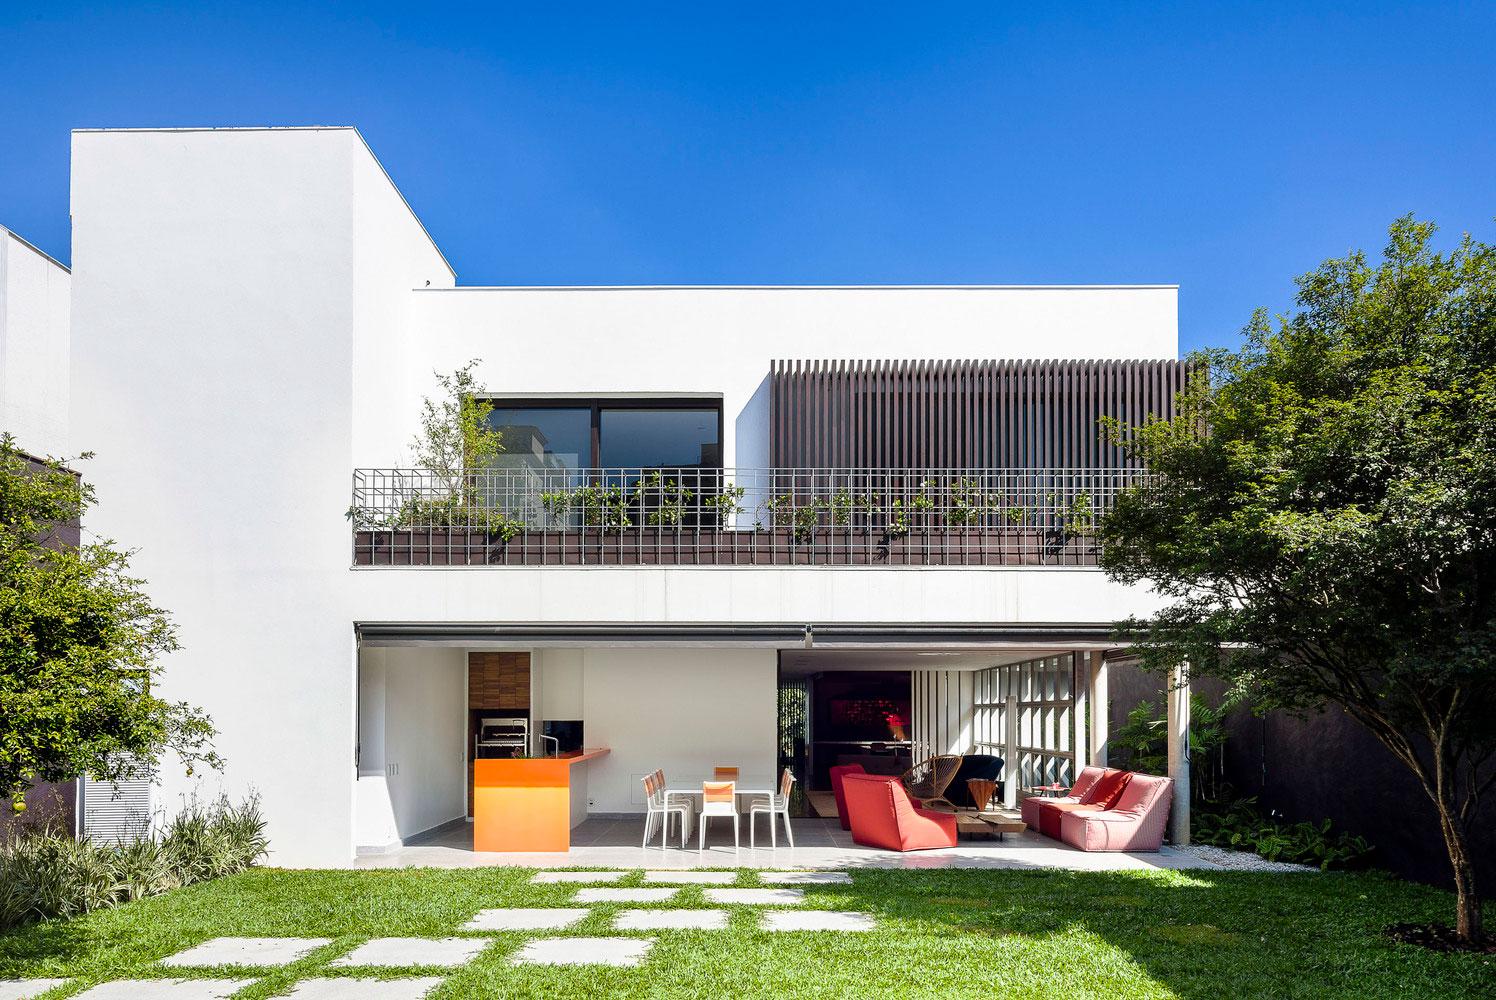 Complemente a fachada com elementos verdes